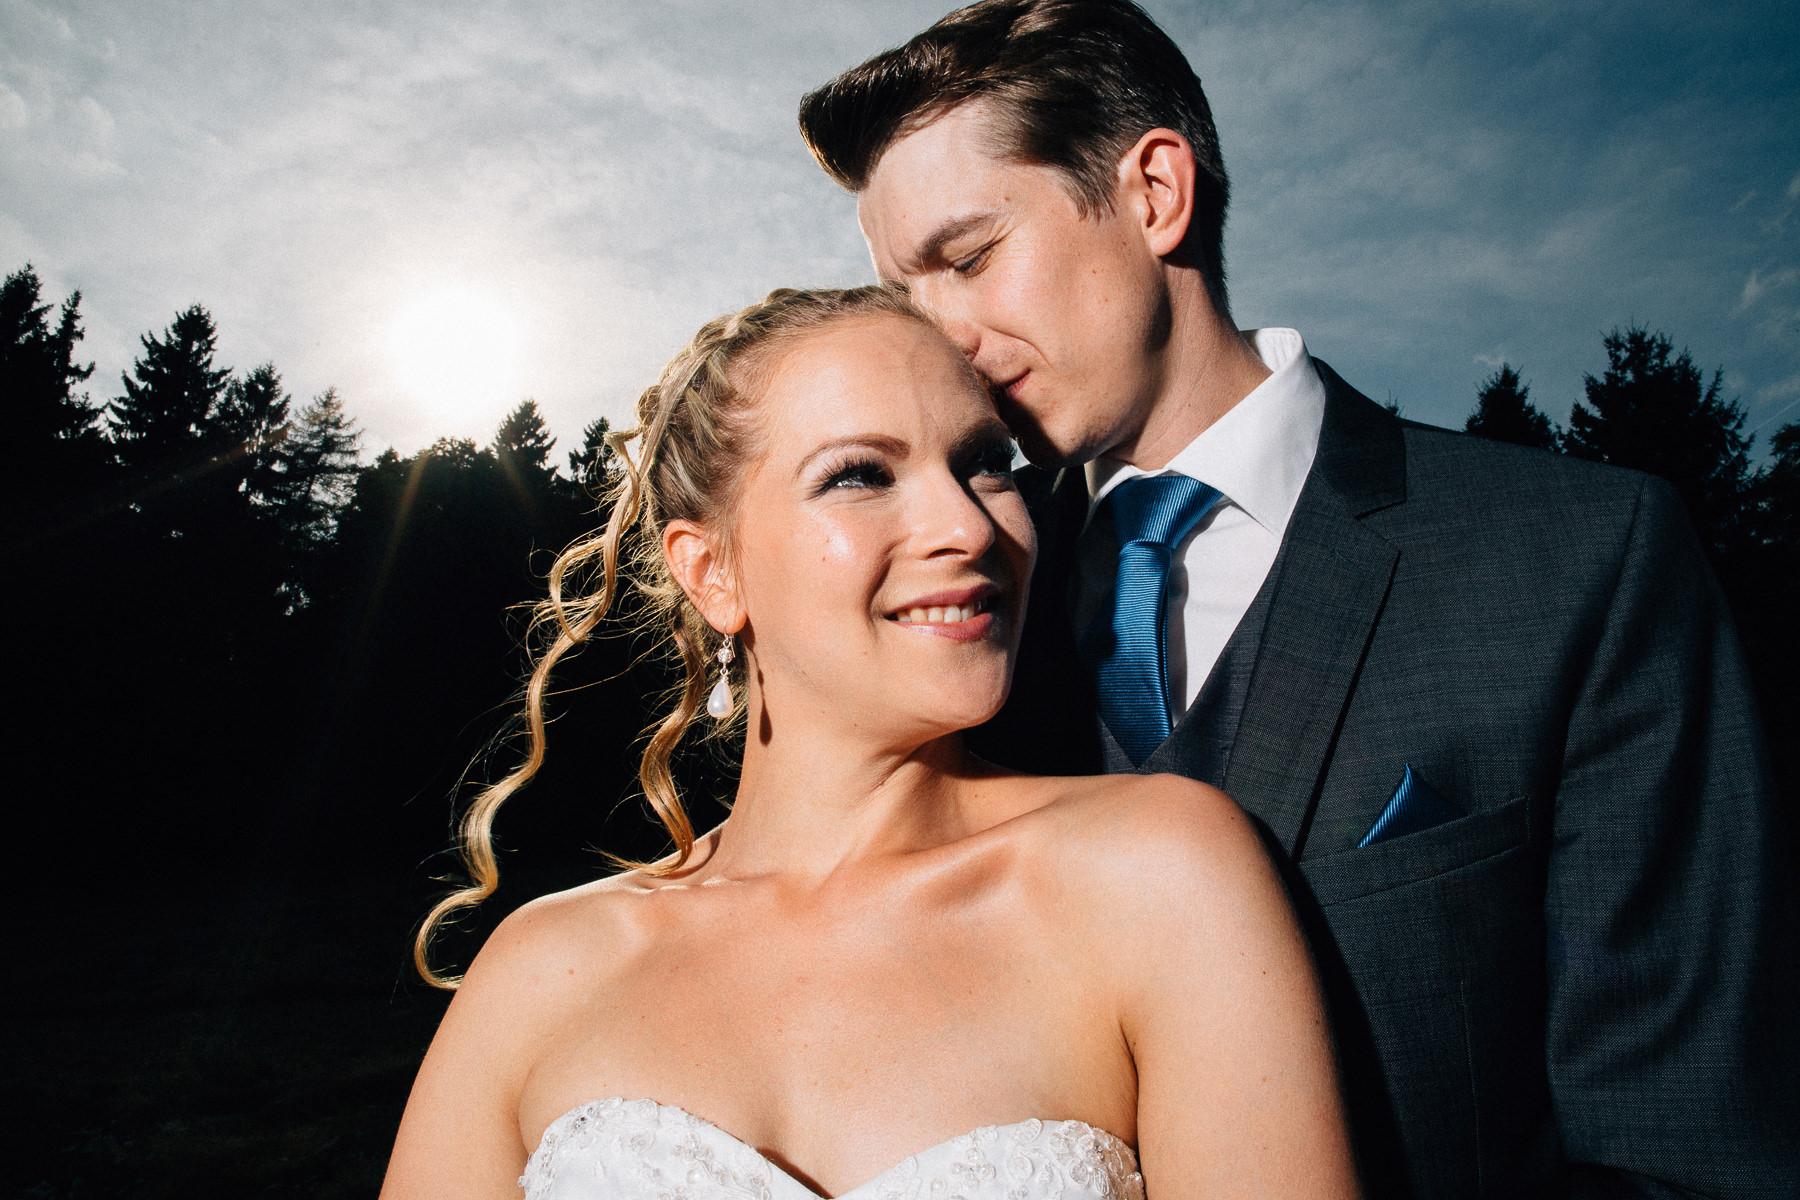 Jagdschloss Platte Wiesbaden Knippslicht Fotografie Hochzeit